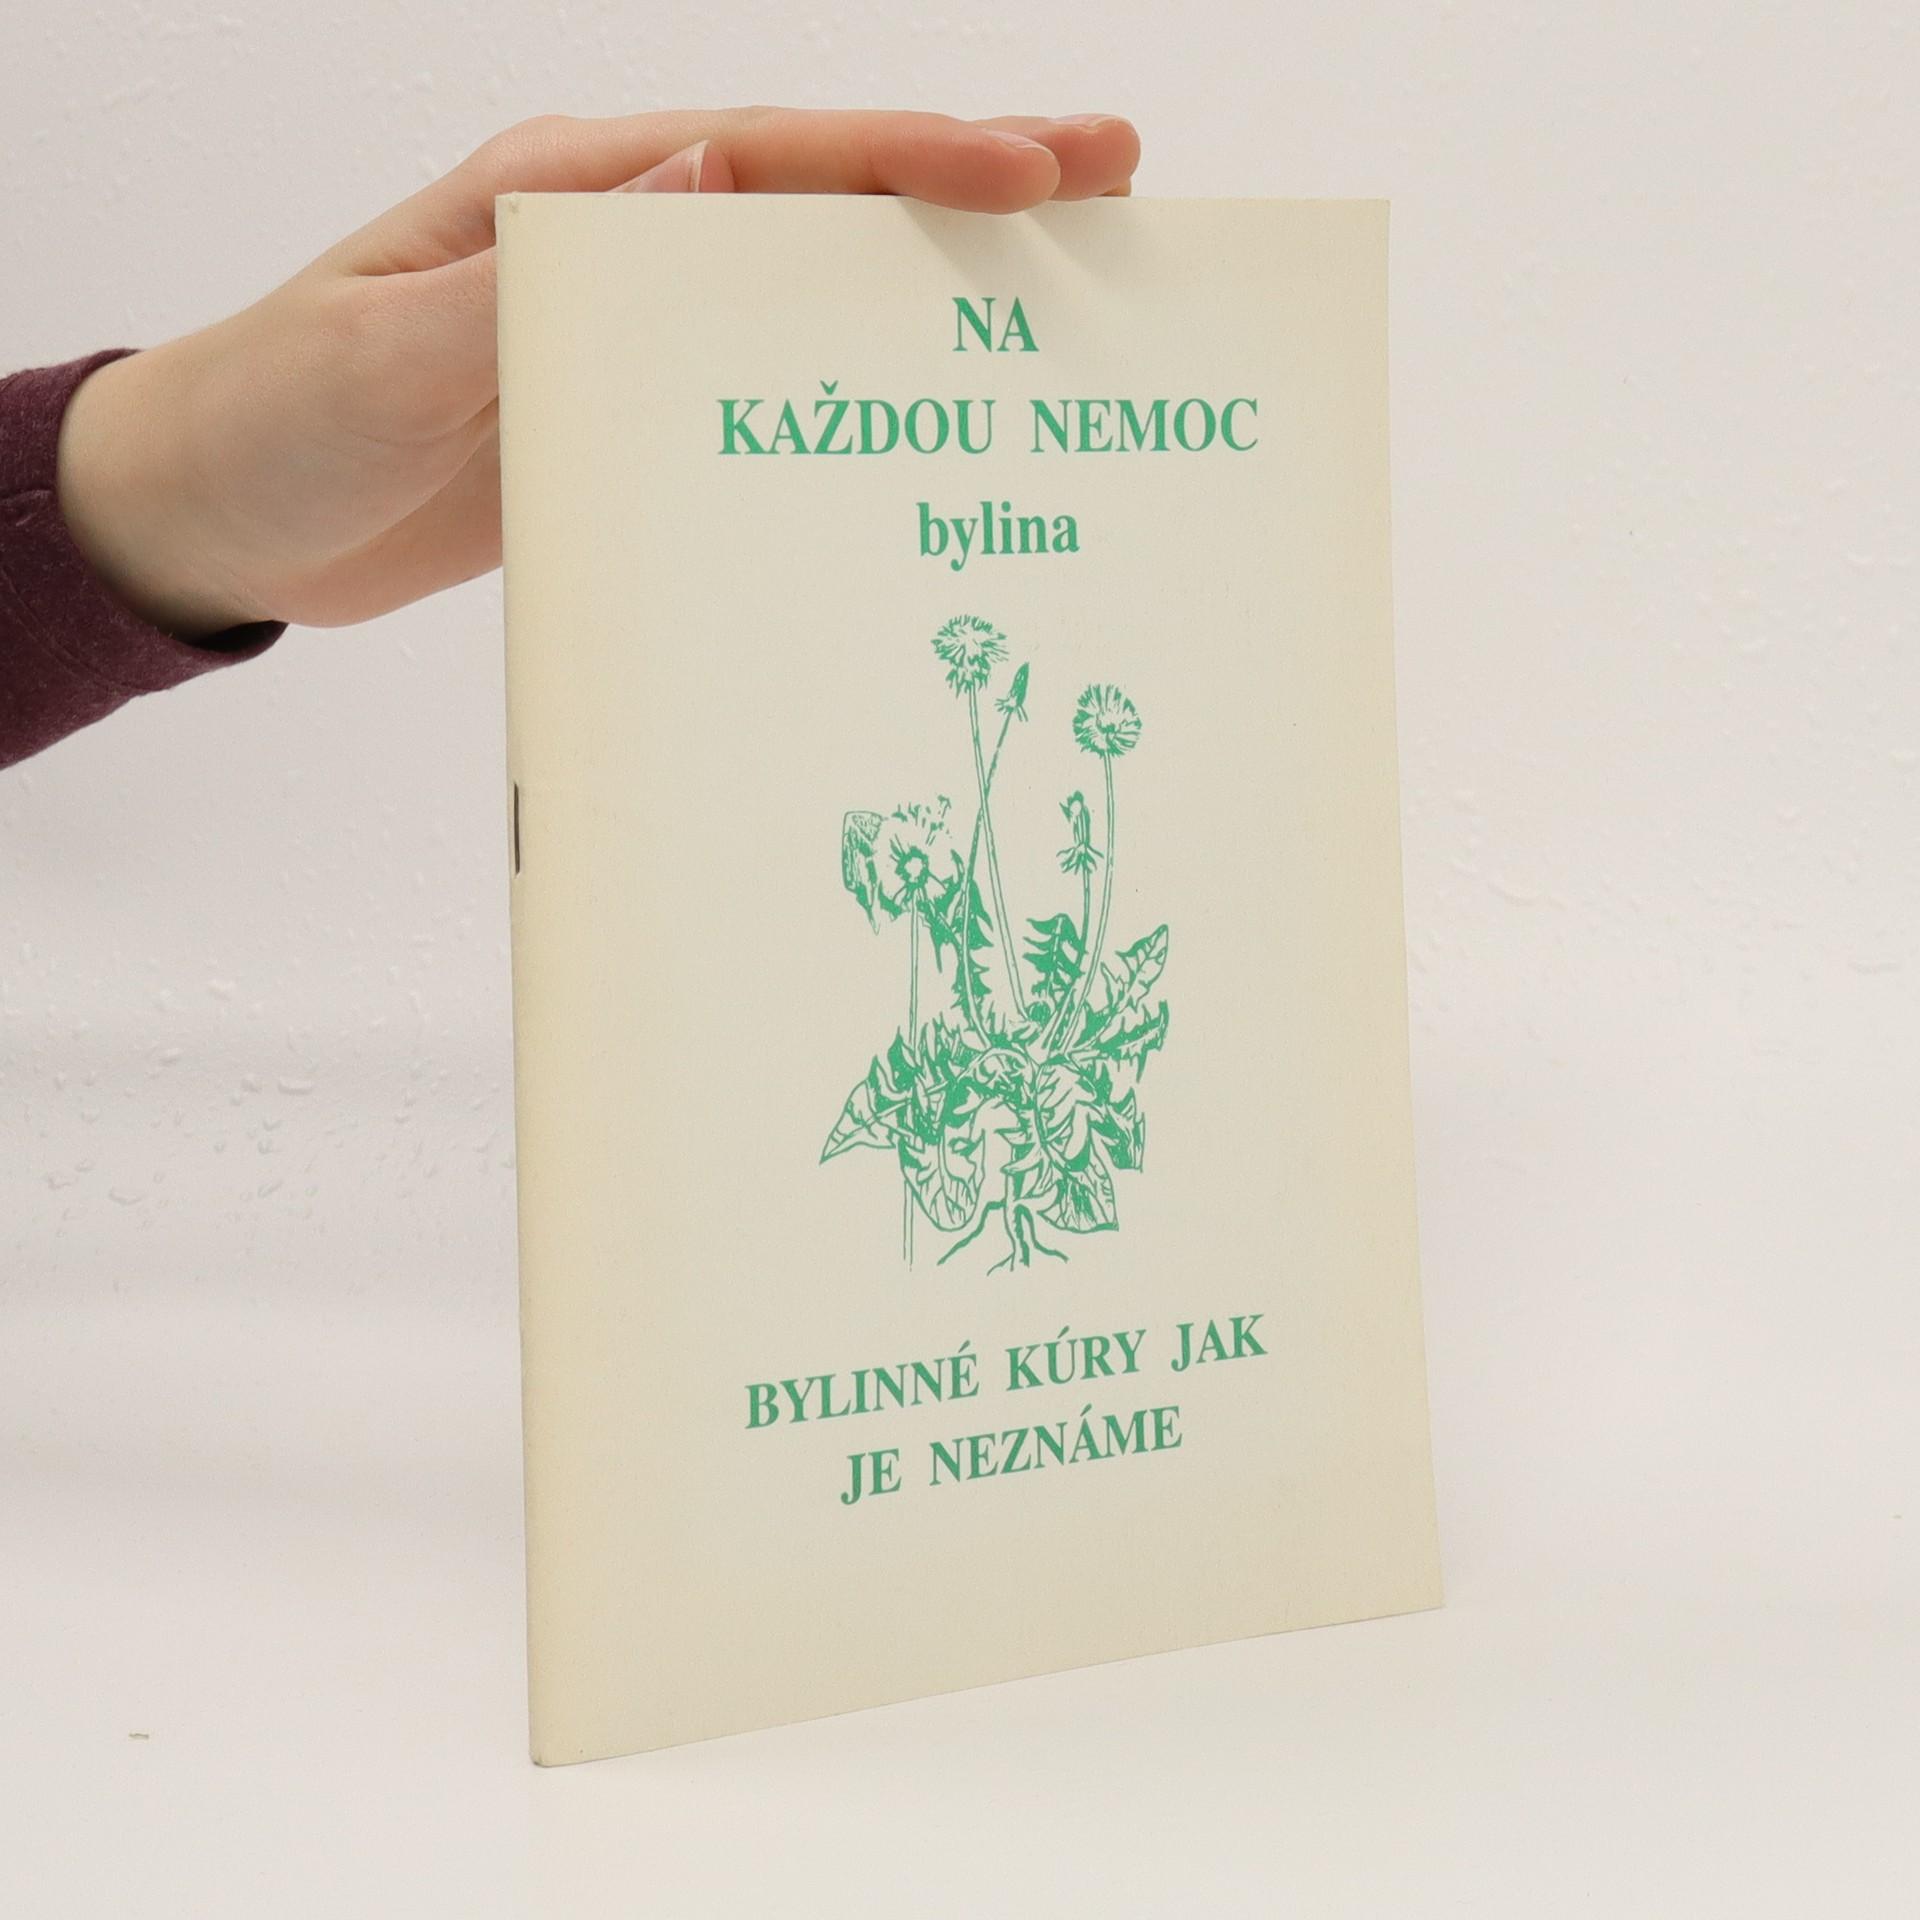 antikvární kniha Na každou nemoc bylina: Bylinné kúry jak je neznáme, neuveden